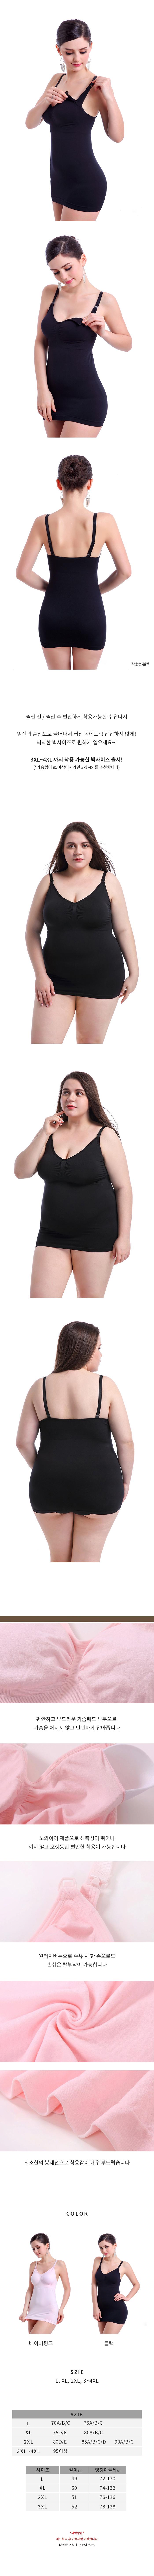 갓샵 임산부 수유 브라 나시 속옷 L-4XL 노와이어내의 - 갓샵, 9,900원, 여성 이너웨어, 캐미솔/런닝